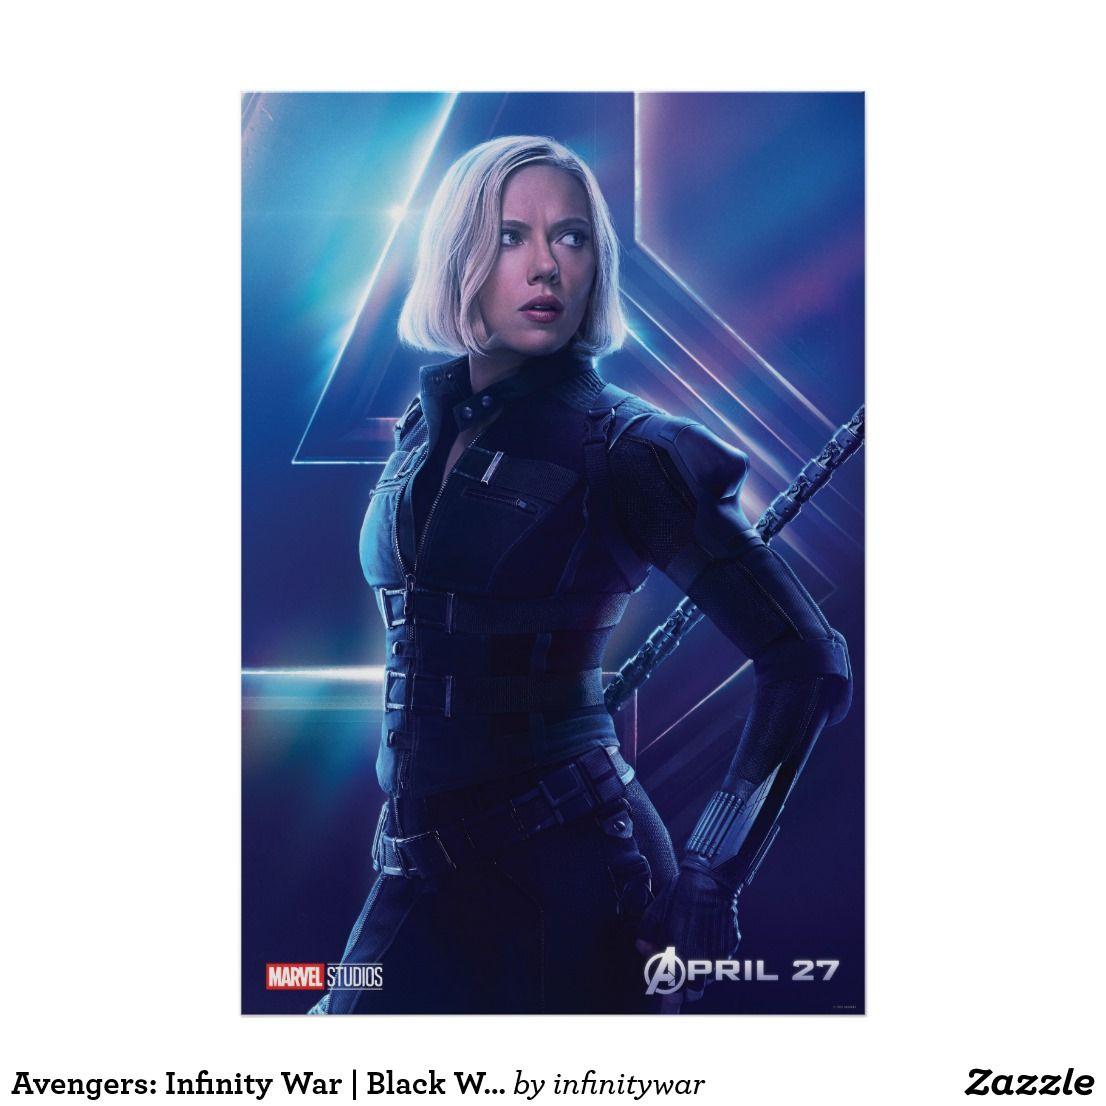 Avengers Movie Poster Designer